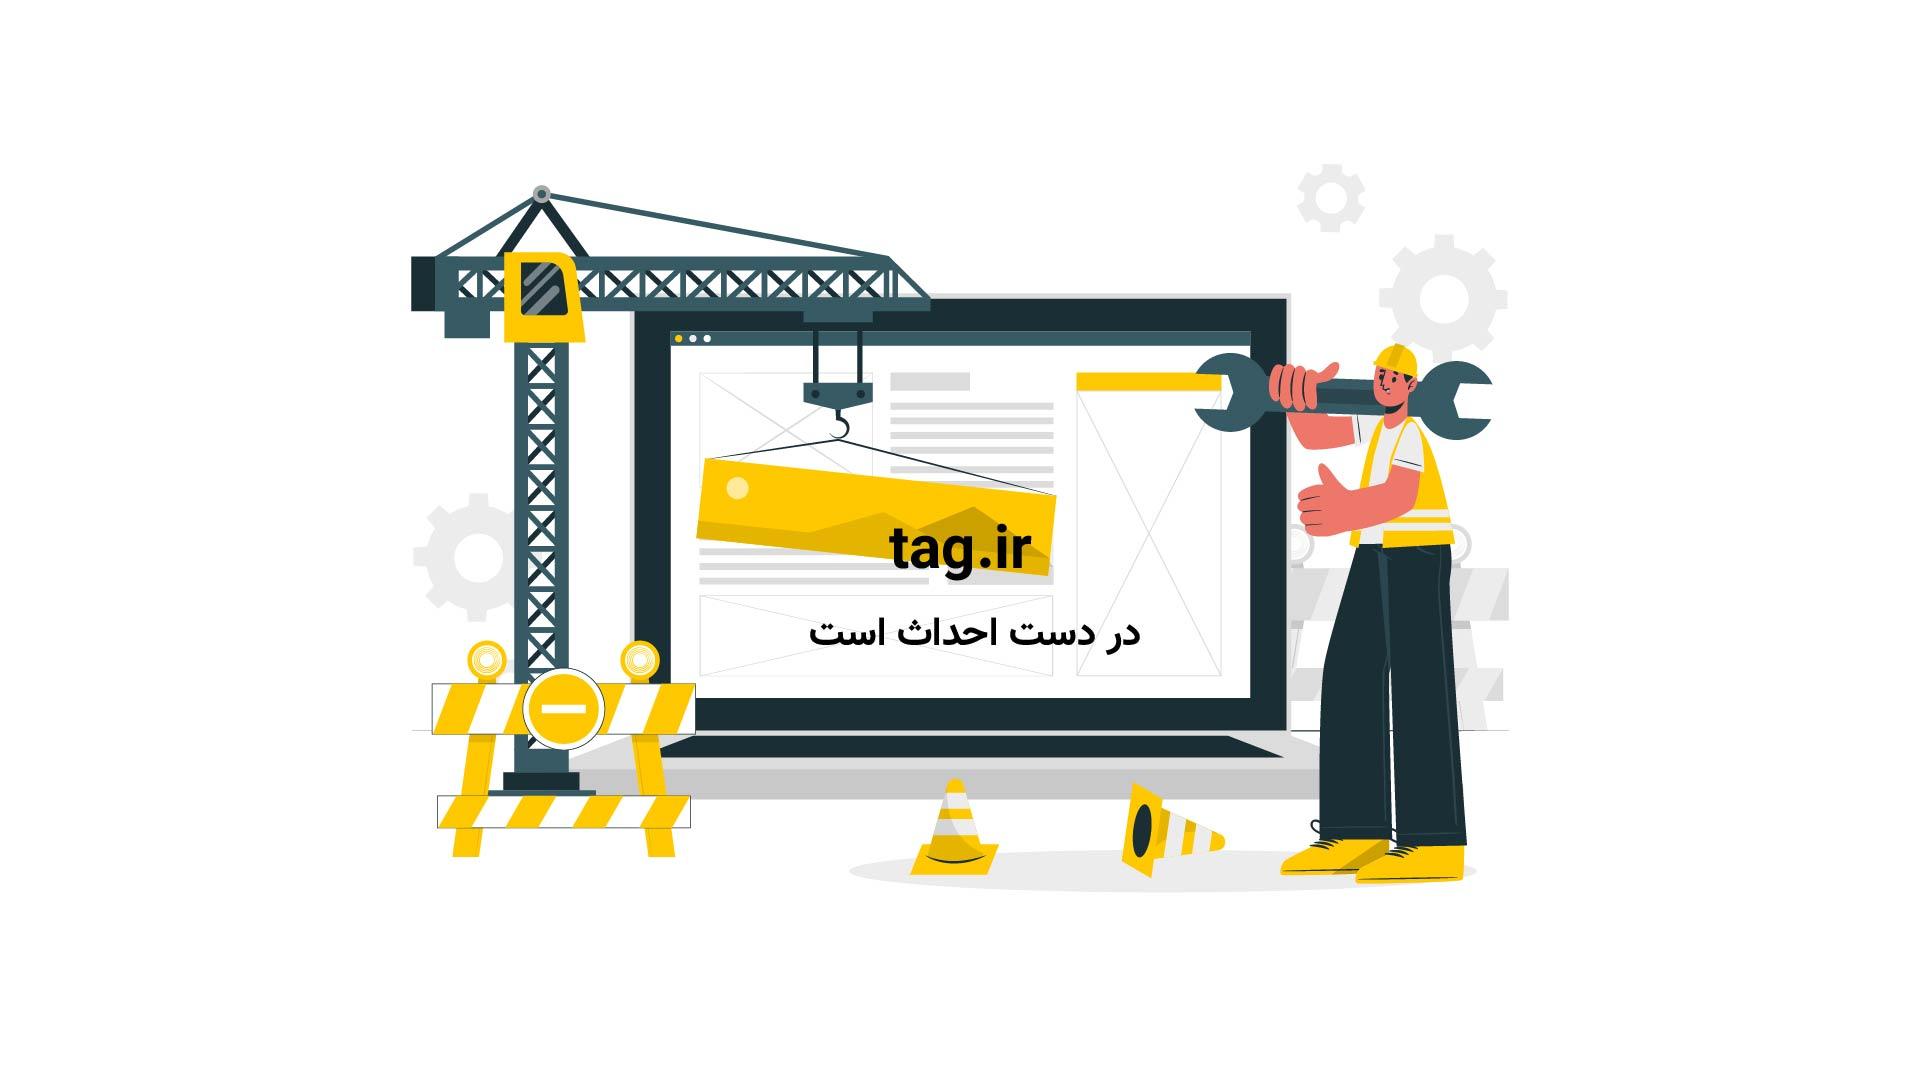 تکنیک نقاشی با آبرنگ؛ آموزش کشیدن منظره با استفاده از آبرنگ | فیلم